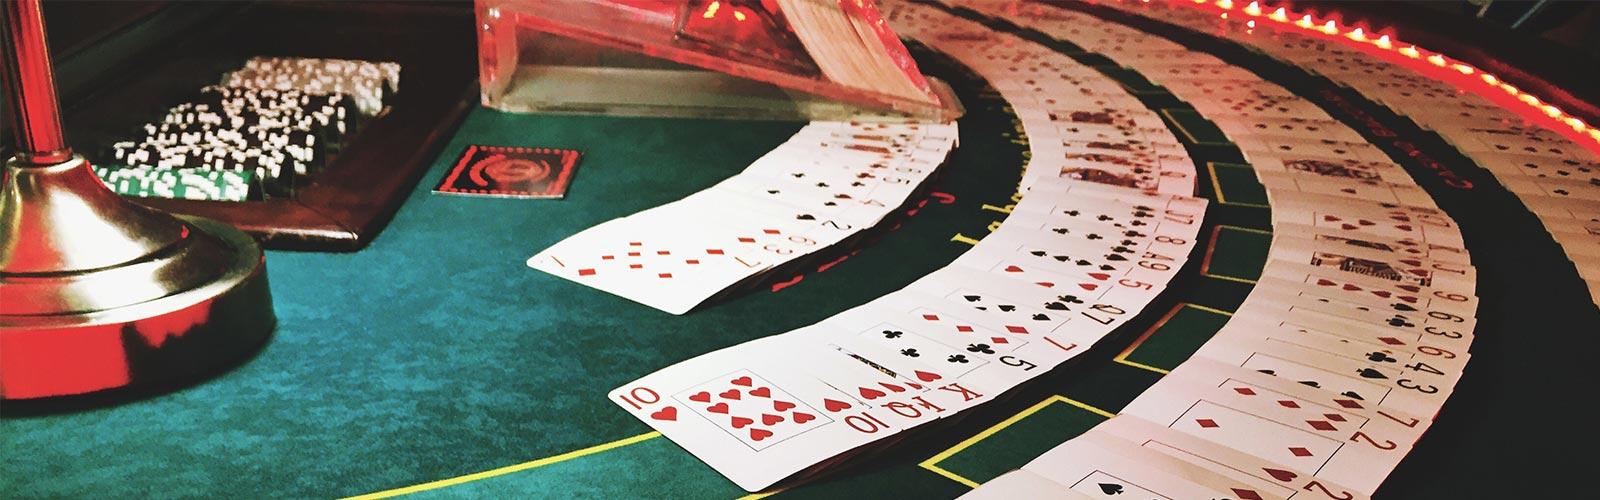 Poker Atlantis Tour